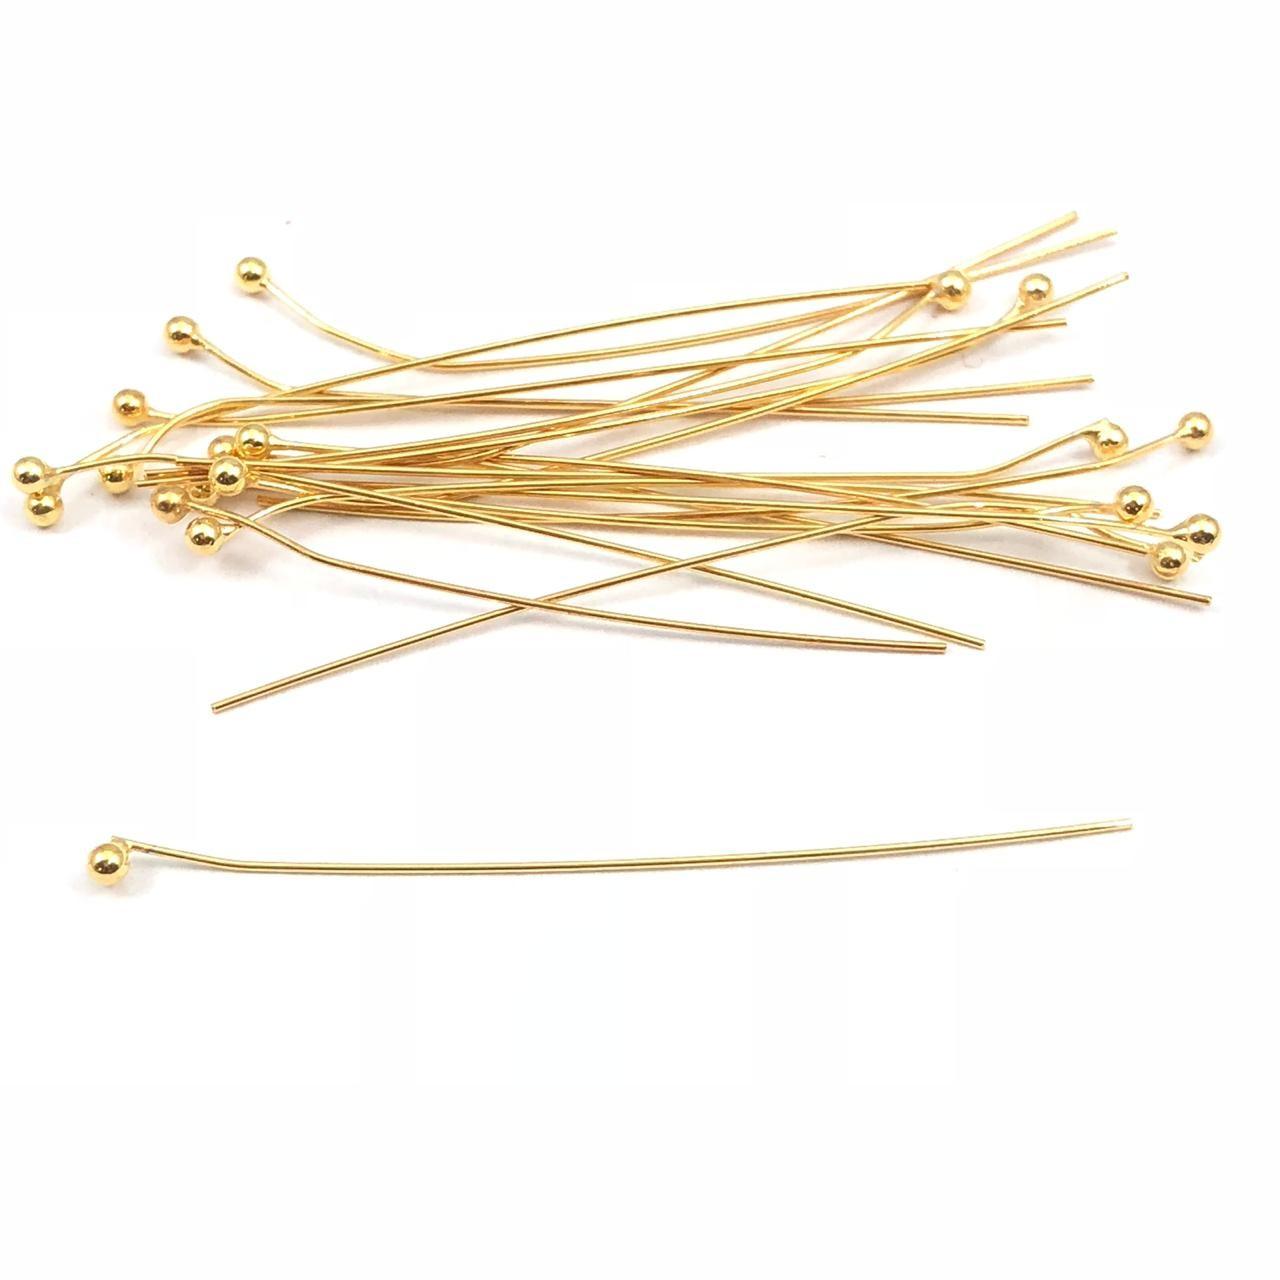 AC488 - Alfinete Bolinha 5cm Banhado Cor Ouro - 12Unids